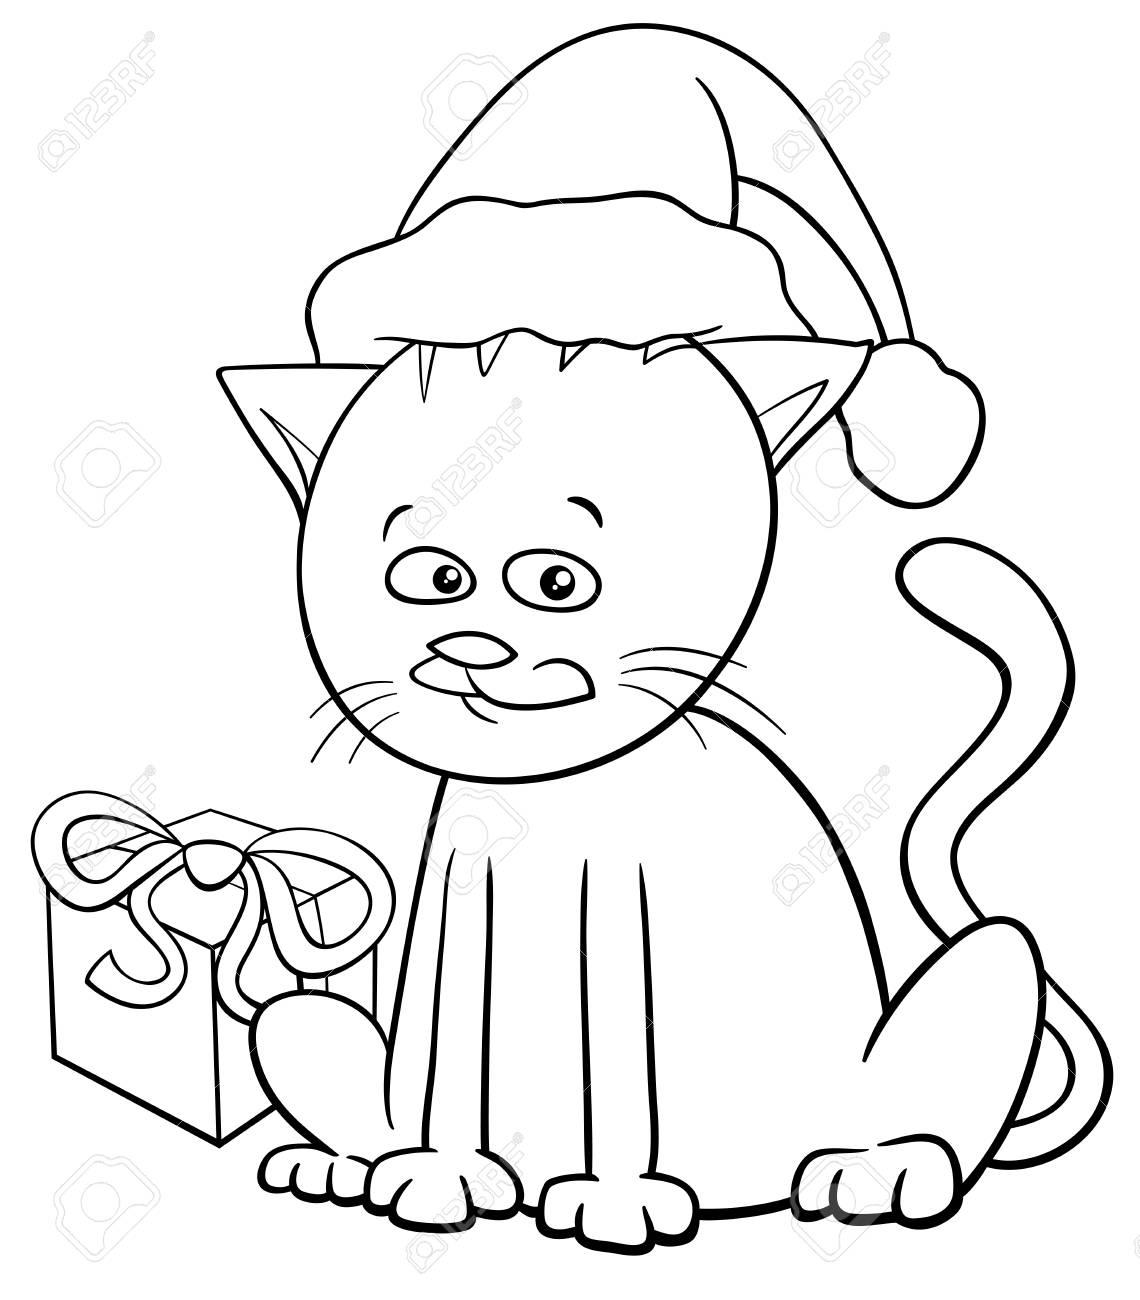 Ilustración De Dibujos Animados Blanco Y Negro De Gato O Gatito ...